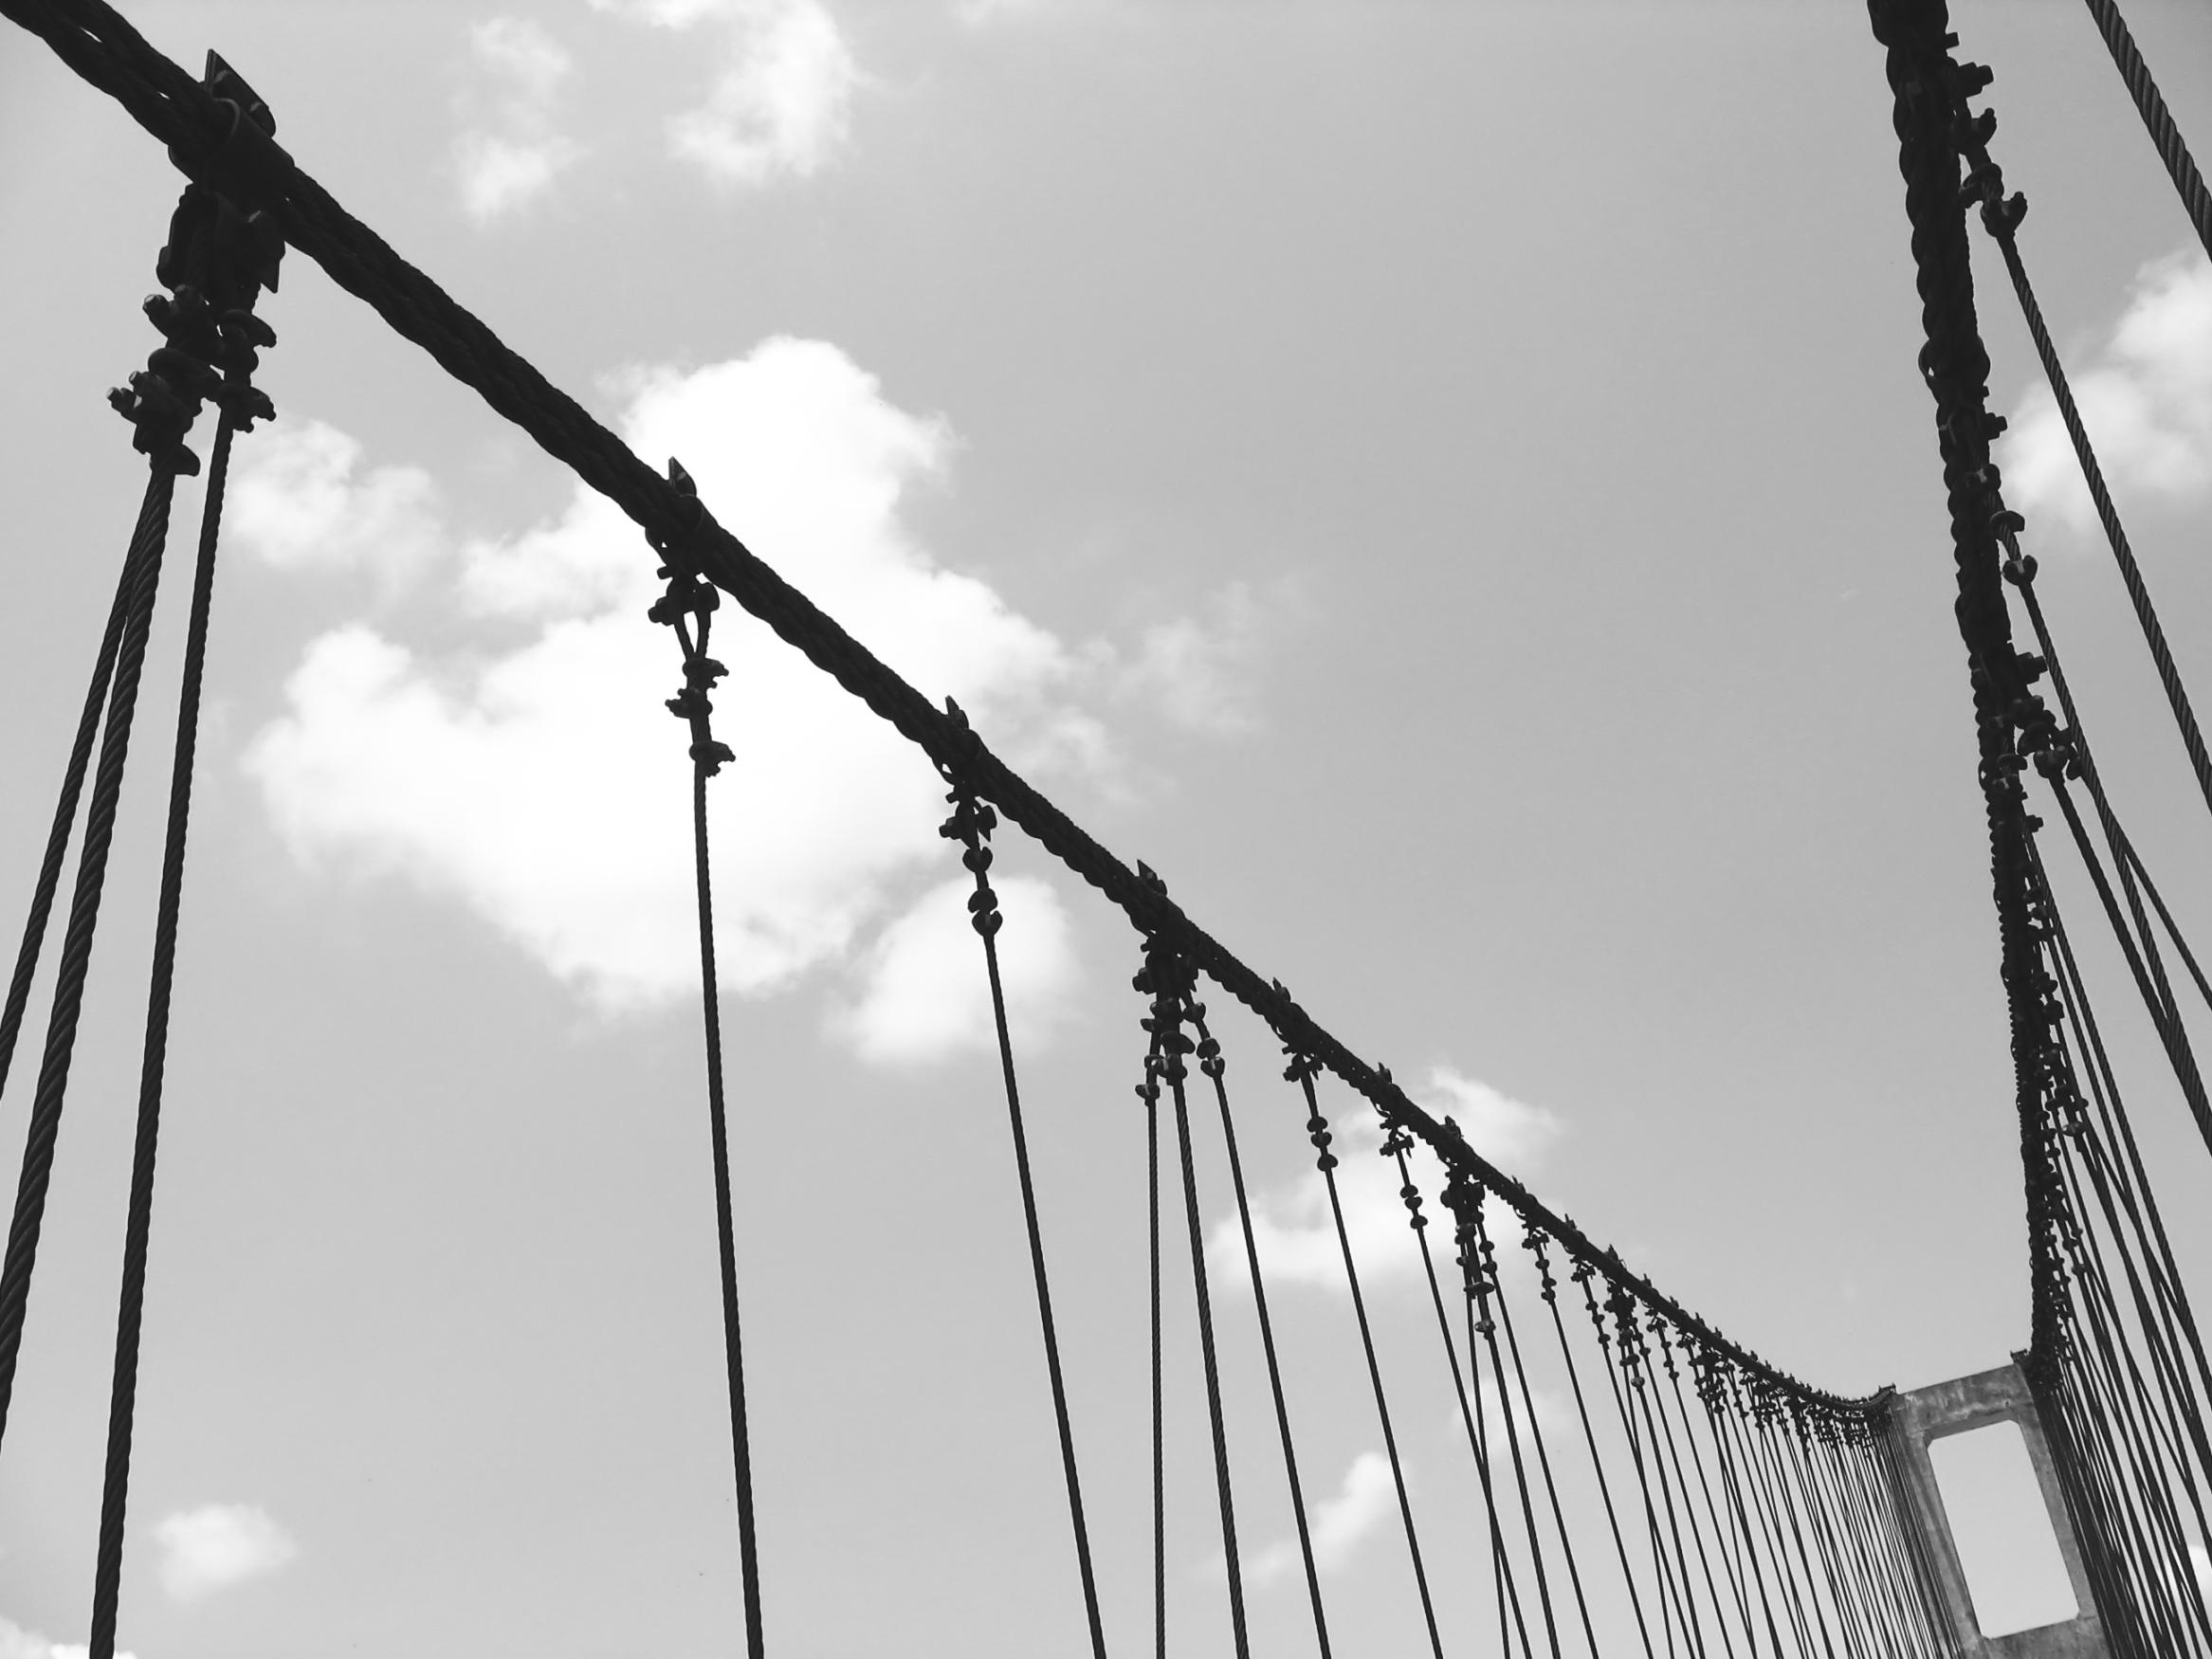 Old Suspension Bridge, Balance, Bolts, Vintage, Unstable, HQ Photo